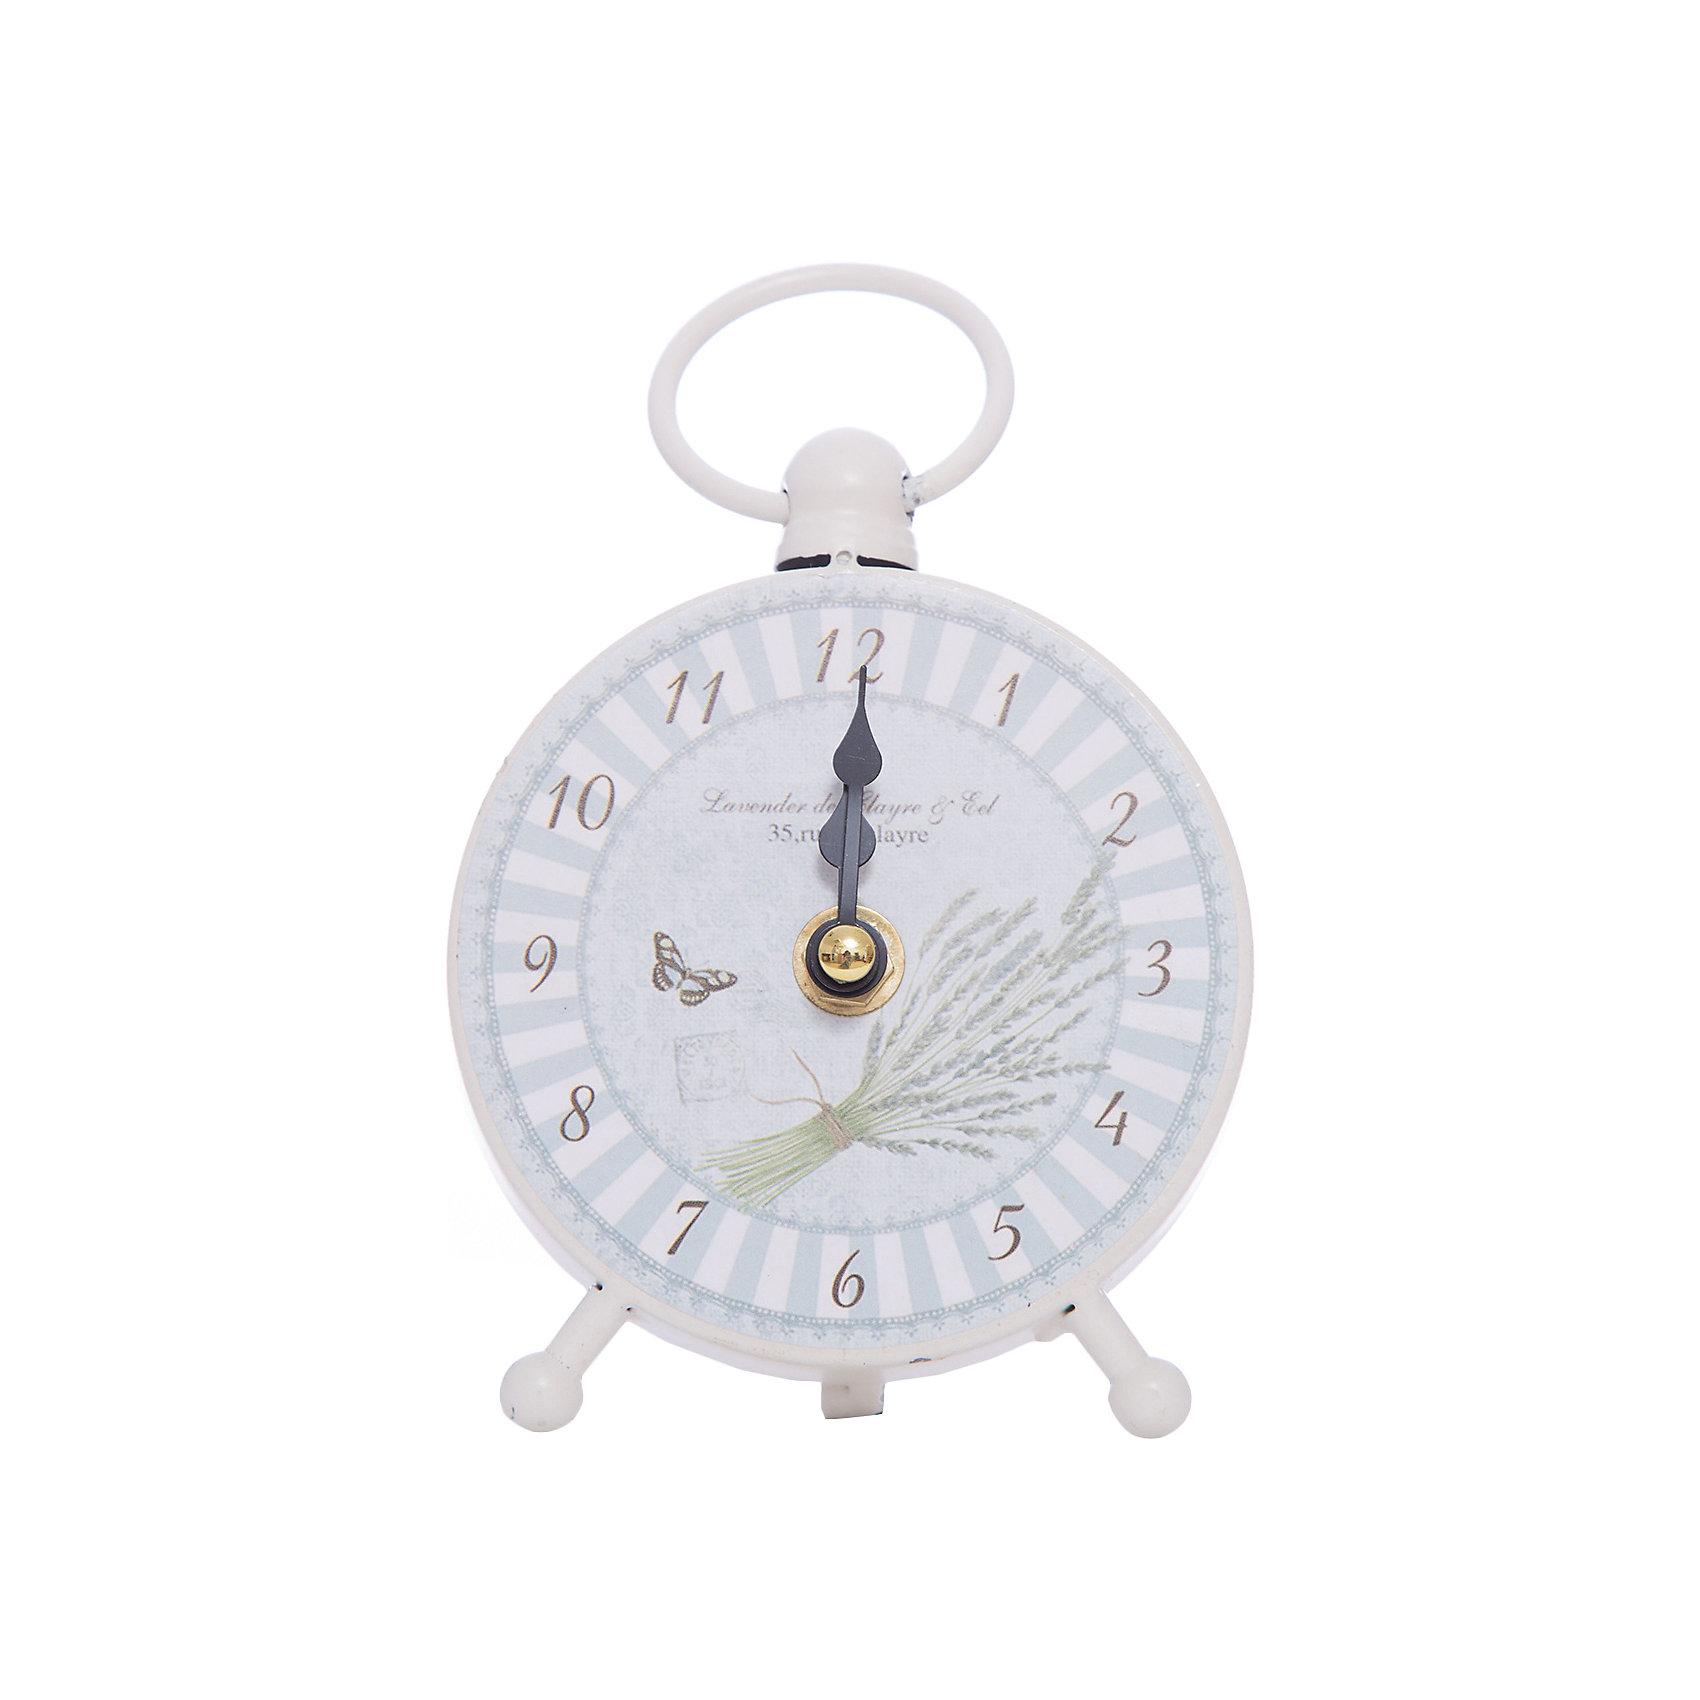 Часы настольные Полоски кварцевые, Феникс-ПрезентЧасы Полоски настольные кварцевые, Феникс-Презент<br><br>Характеристики:<br><br>• оригинальный дизайн <br>• тип часов: кварцевые<br>• размер: 10,5х16 см<br>• материал: металл<br>• батарейки: АА - 1 шт. (не входит в комплект)<br><br>Кварцевые часы Полоски всегда будут радовать вас своей красотой и оригинальностью. Корпус часов изготовлен из прочного черного металла и оформлен красивым узором. Часы имеют две стрелки - минутную и часовую. Размер часов - 10,5х16 сантиметров. Для работы необходима батарейка АА (не входит в комплект).<br><br>Часы Полоски настольные кварцевые, Феникс-Презент можно купить в нашем интернет-магазине.<br><br>Ширина мм: 110<br>Глубина мм: 116<br>Высота мм: 110<br>Вес г: 177<br>Возраст от месяцев: 120<br>Возраст до месяцев: 2147483647<br>Пол: Унисекс<br>Возраст: Детский<br>SKU: 5449714